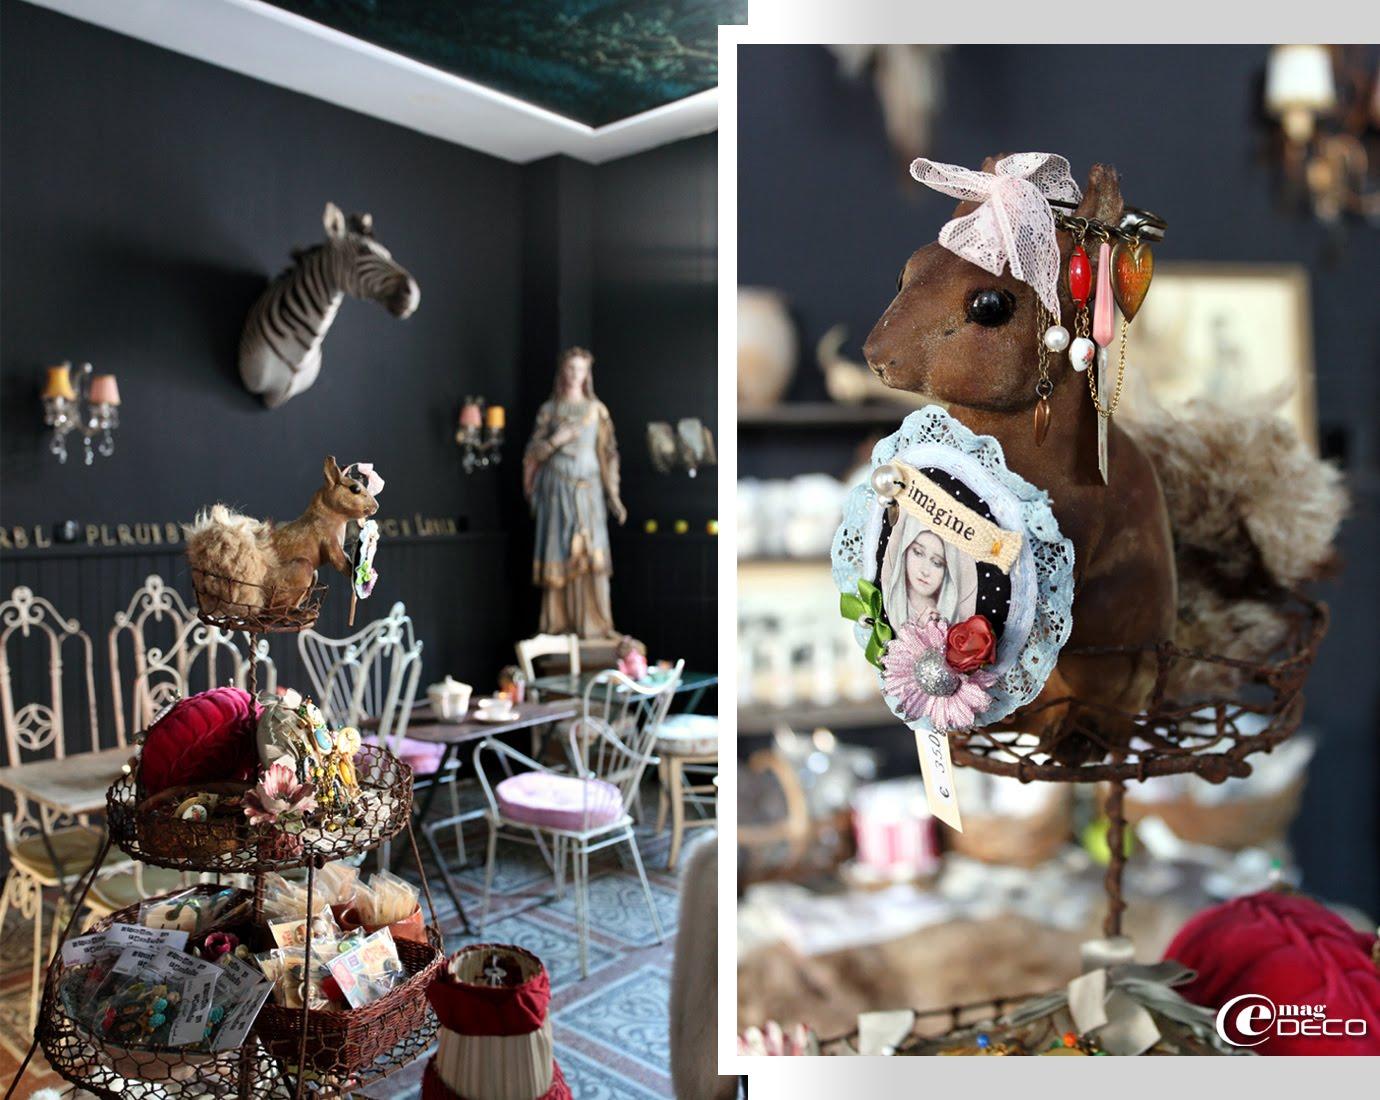 Bijoux Hurluperlues dans la boutique-salon de thé Ad Libitum en Ardèche